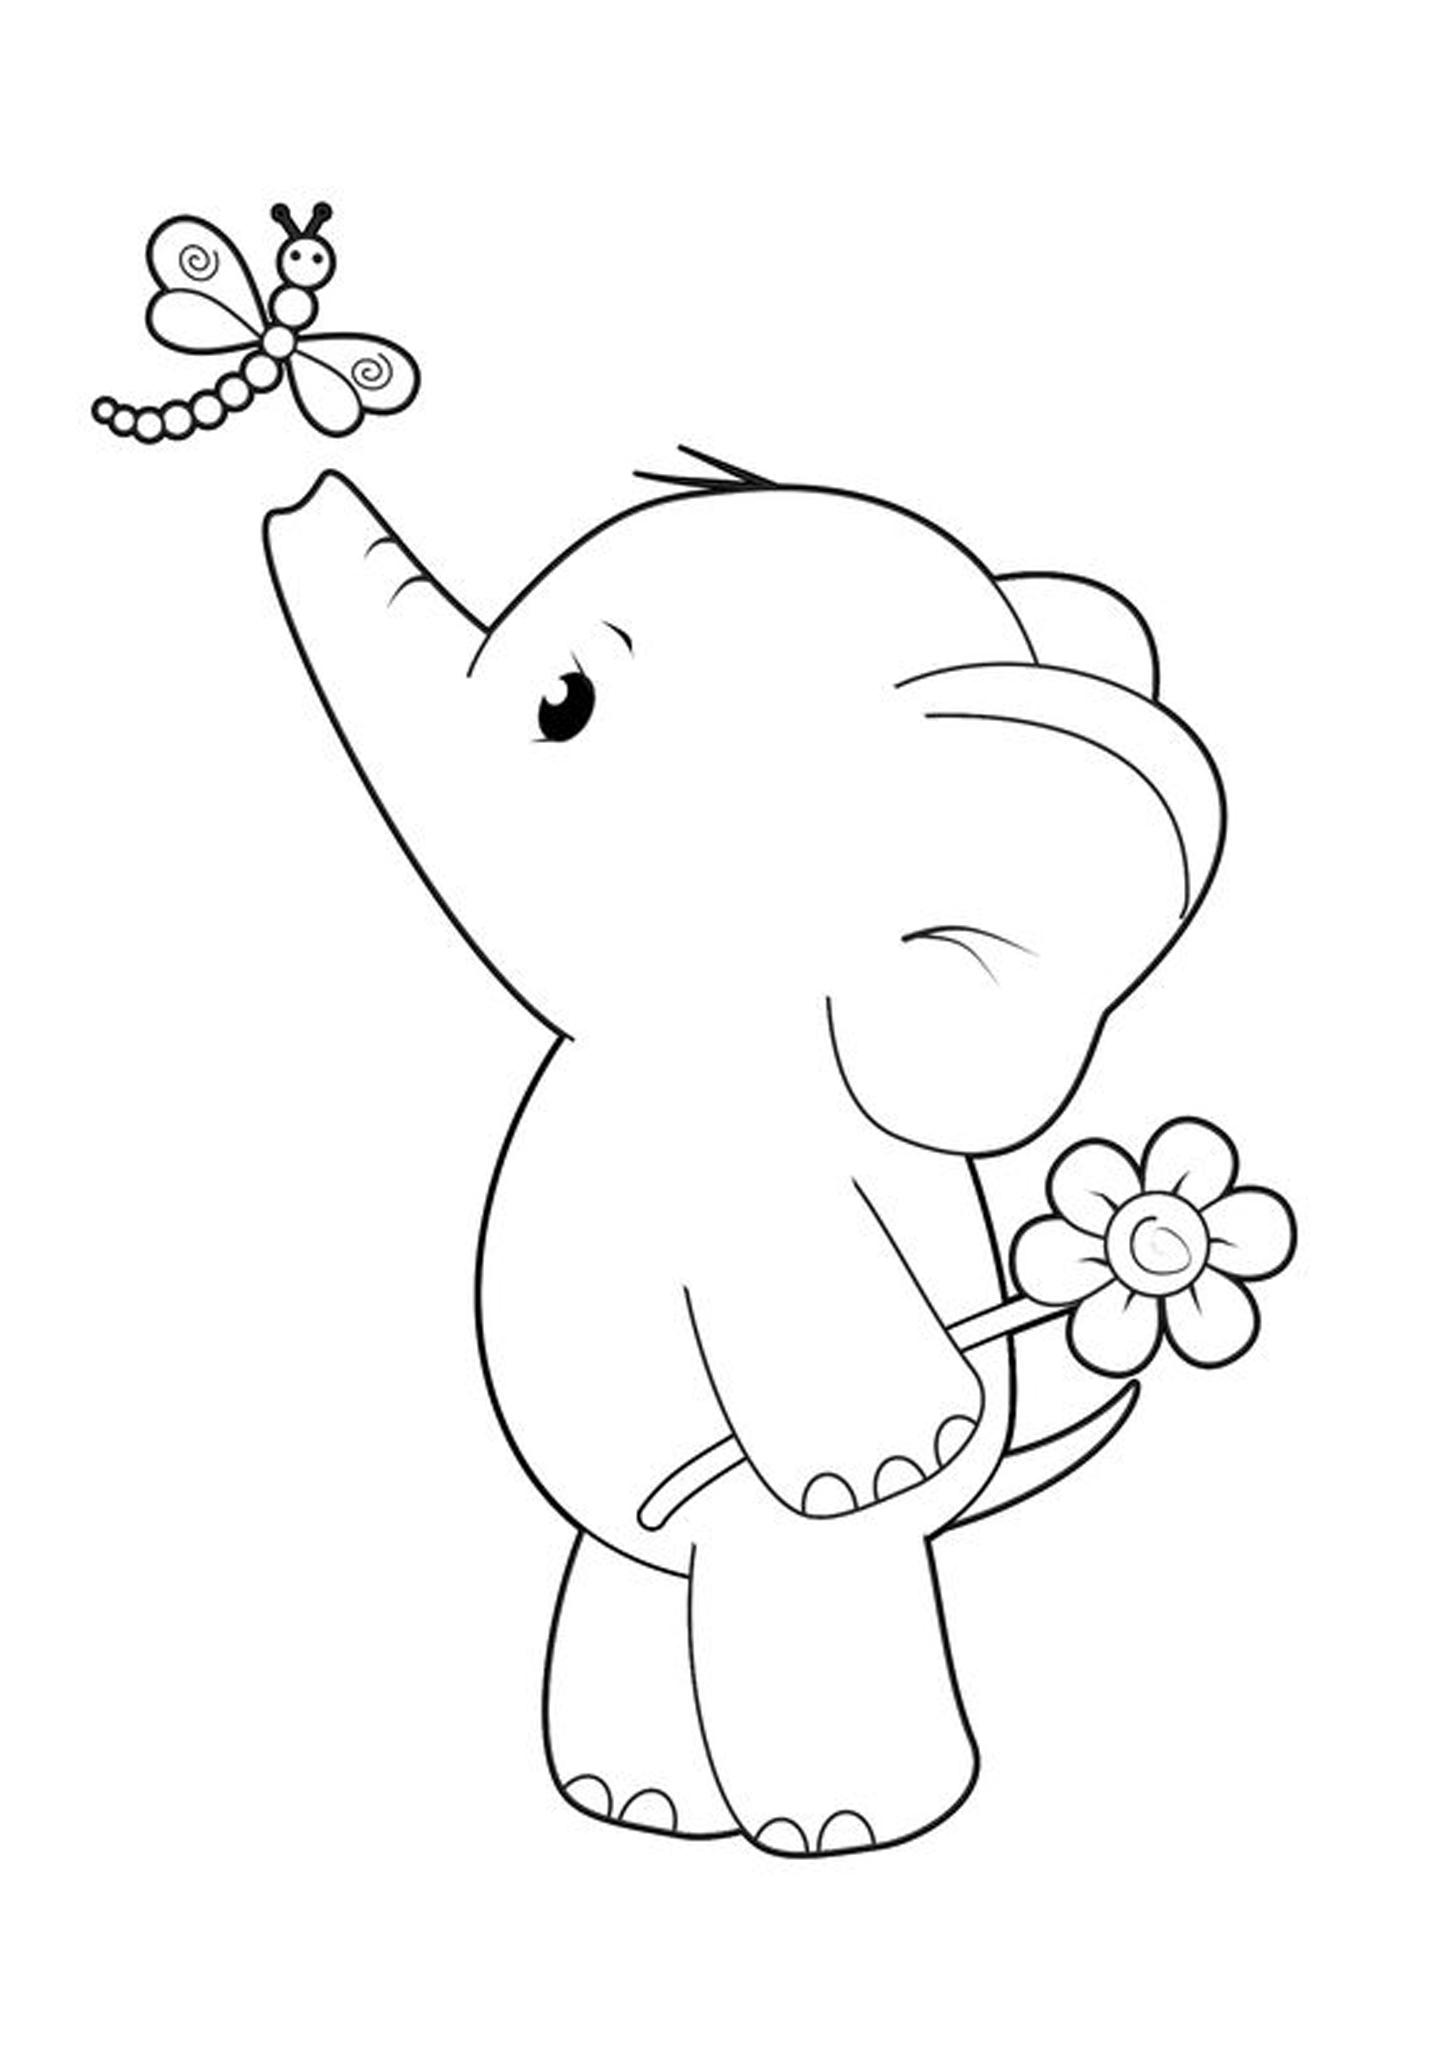 Tranh tô màu chú voi con chơi với bạn chuồn chuồn